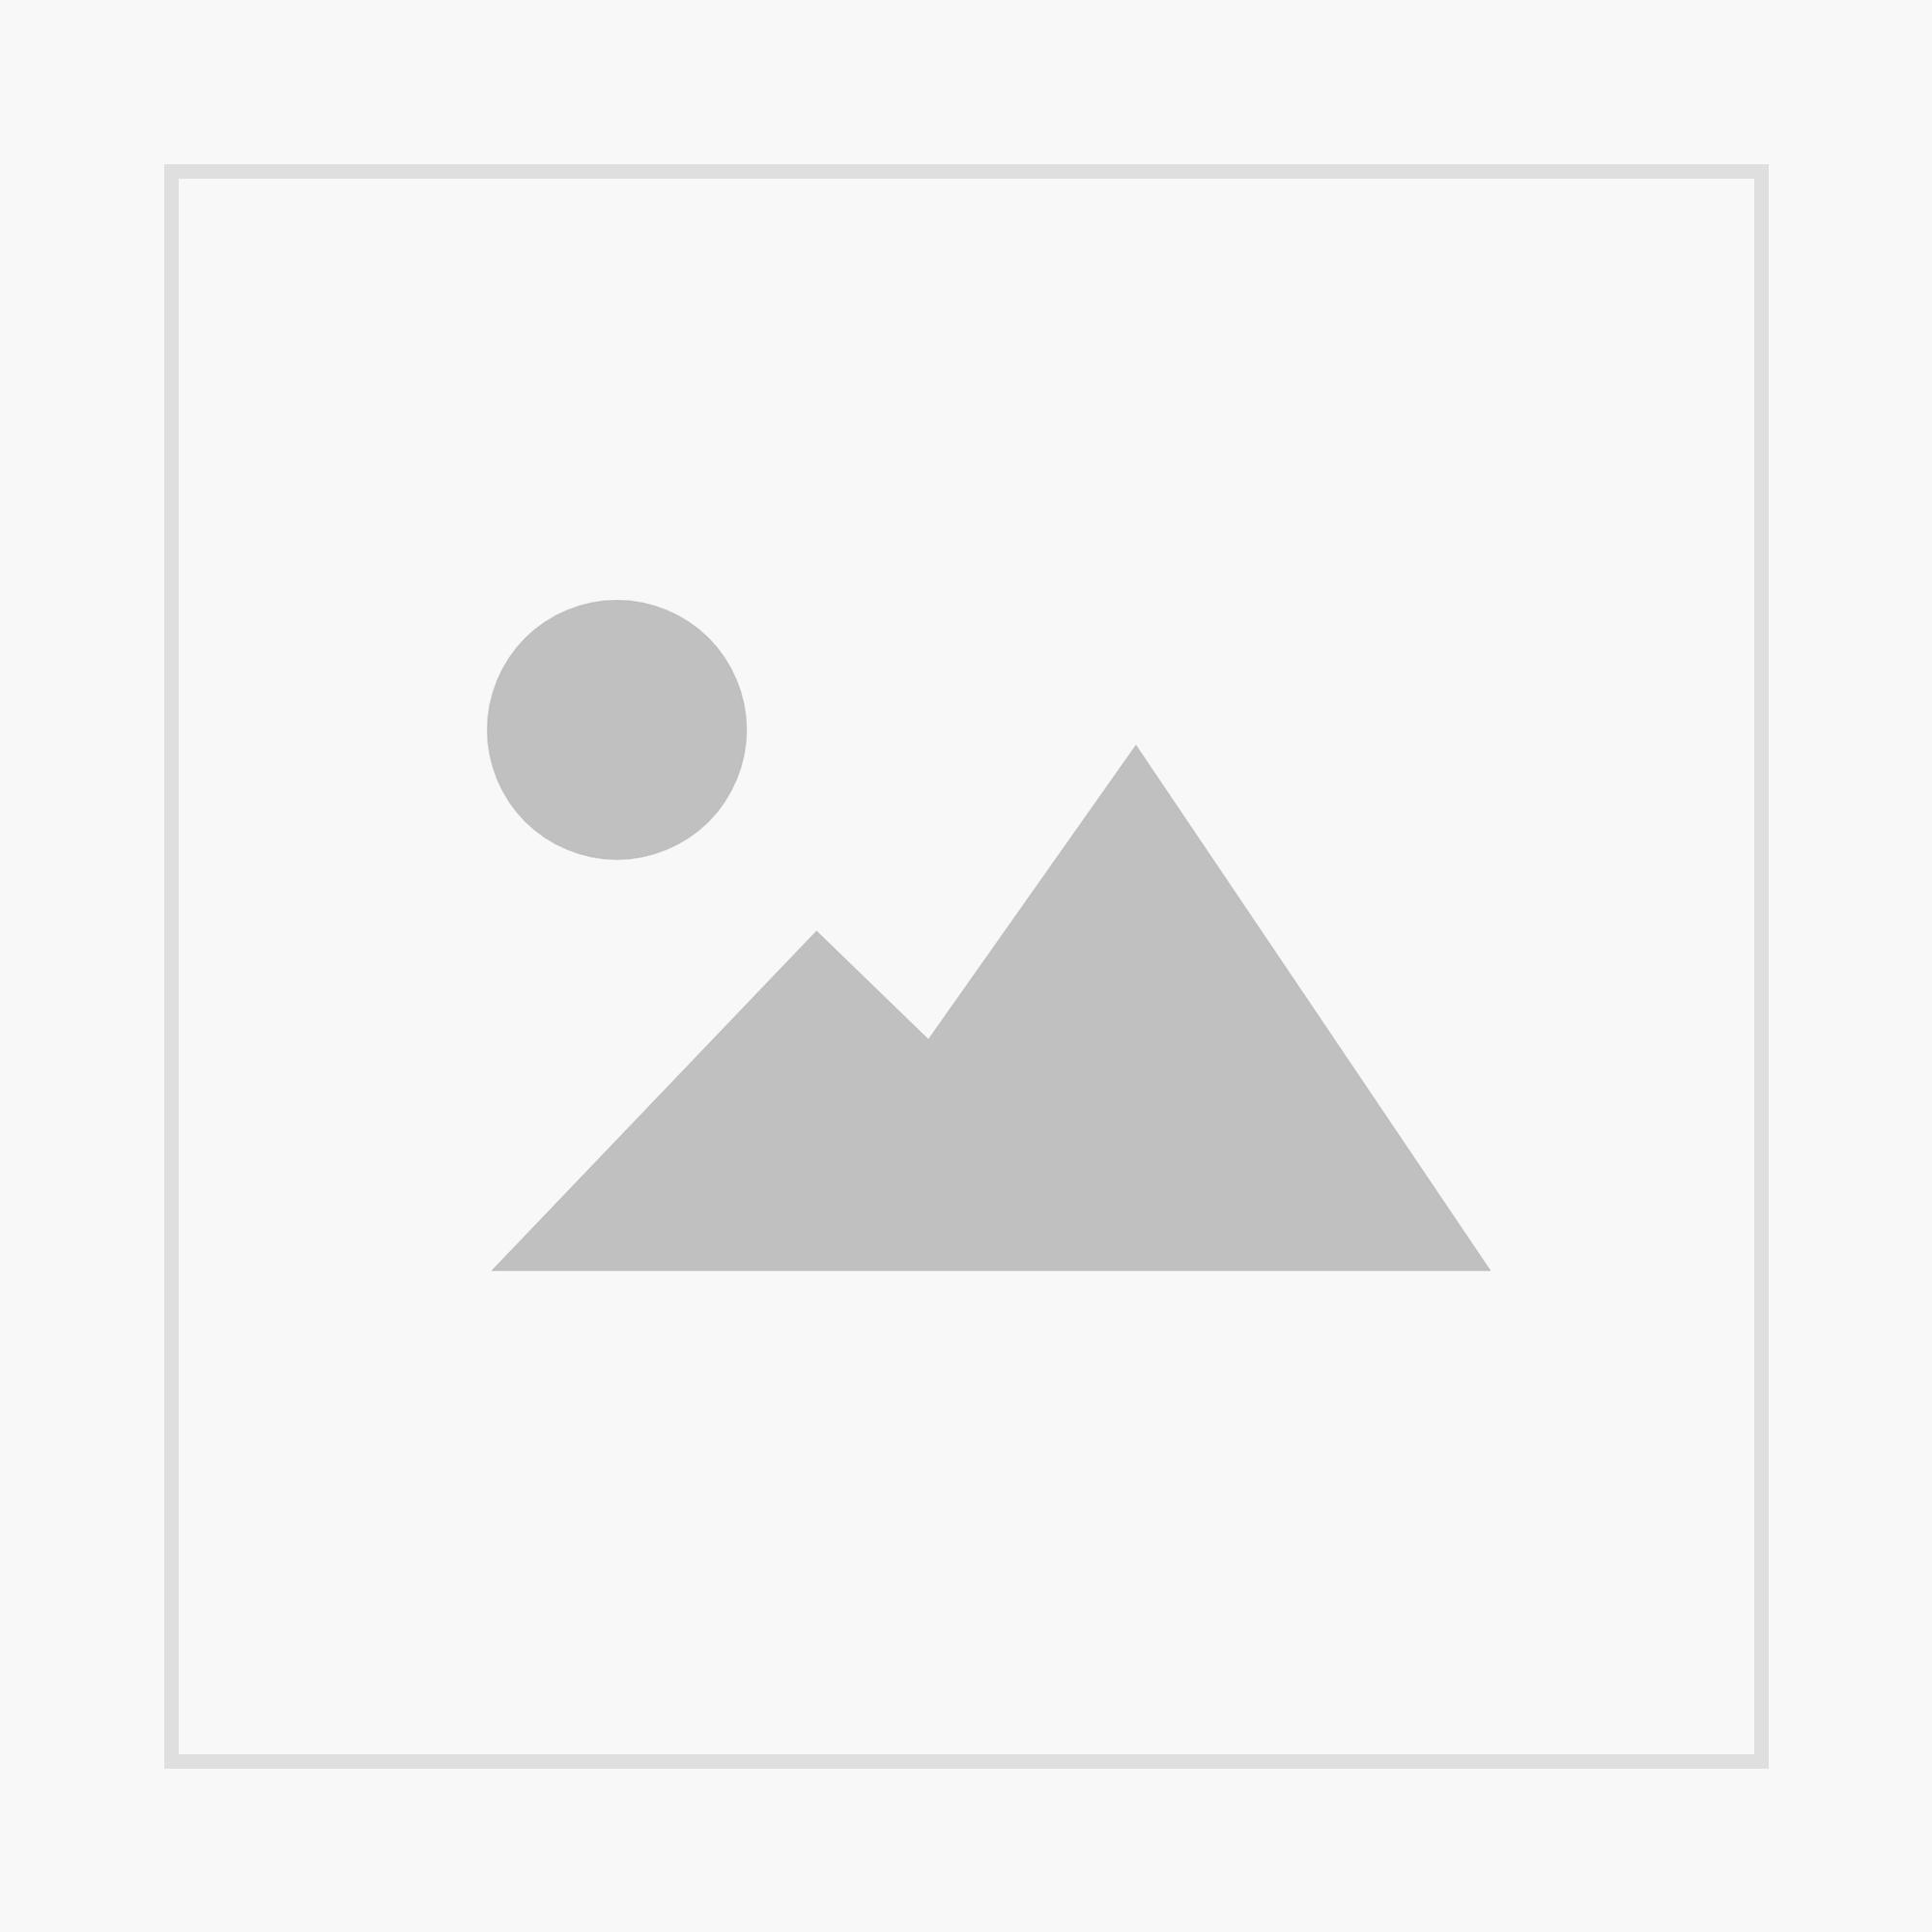 Flow Edition 02/21 - Selbstfürsorge